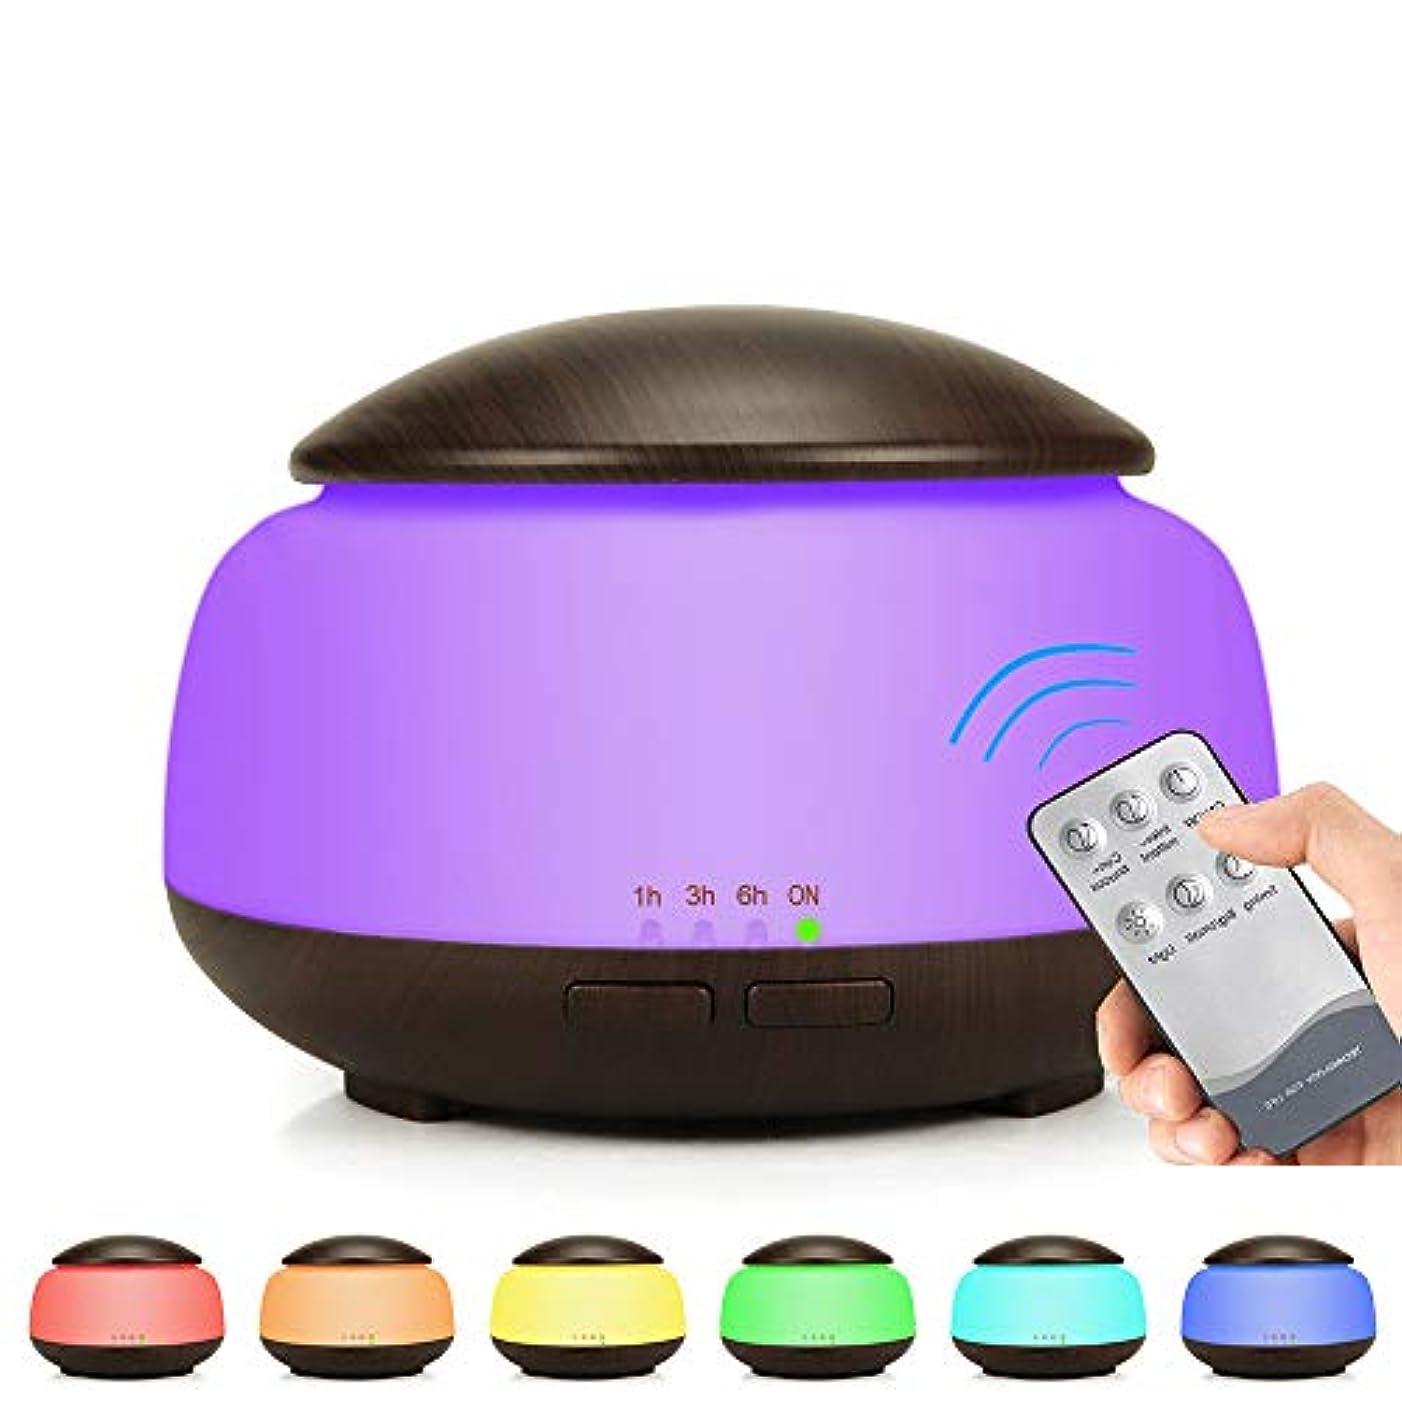 優雅尊厳アデレードエッセンシャルオイルディフューザーアロマディフューザー300 mlアロマ加湿器、7色LEDライト、ホームオフィス用ウォーターレス自動シャットオフ,UKplug